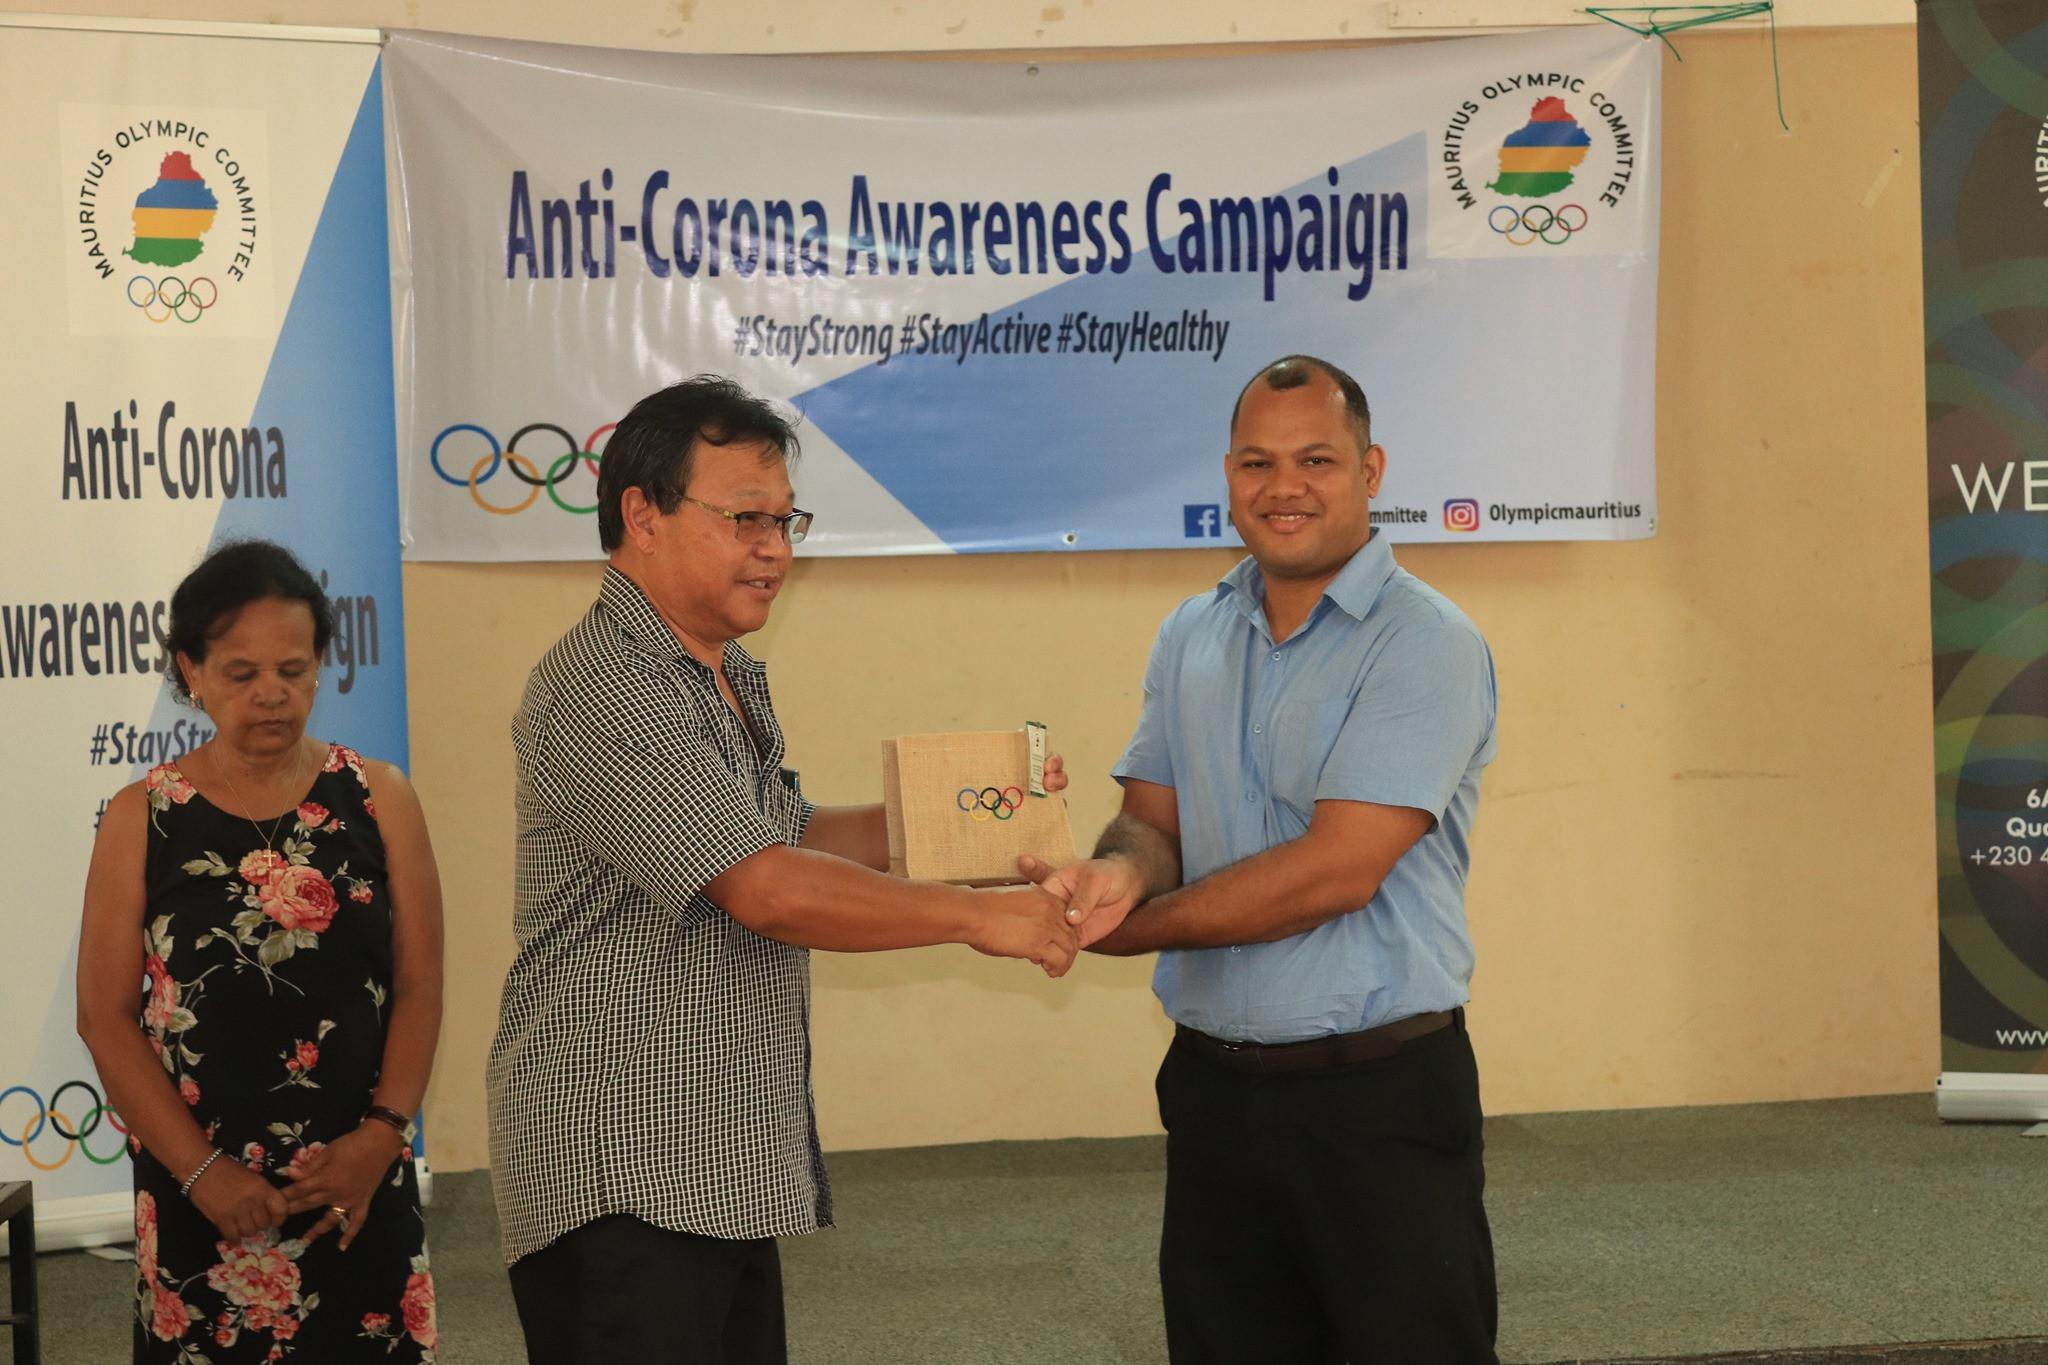 Mauritius Olympic Committee launches coronavirus awareness campaign